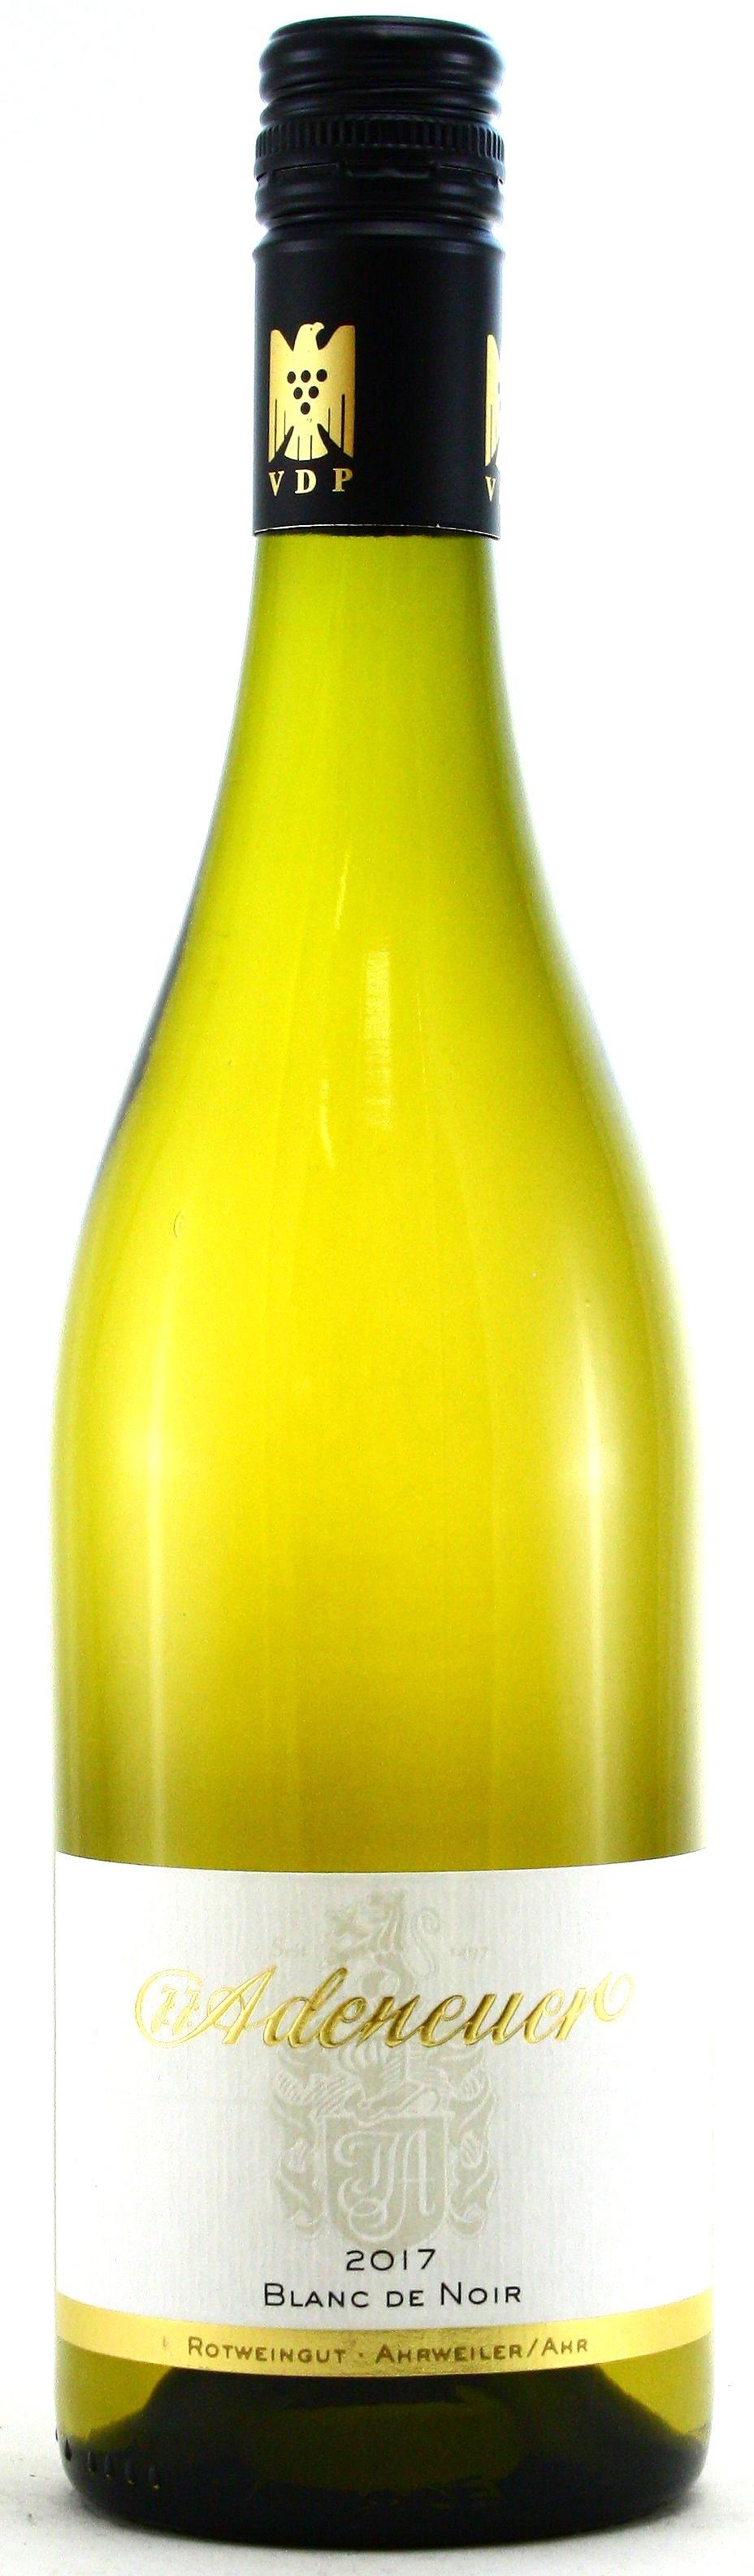 Blanc de Noir aus Spätburgunder, Weingut Adeneuer